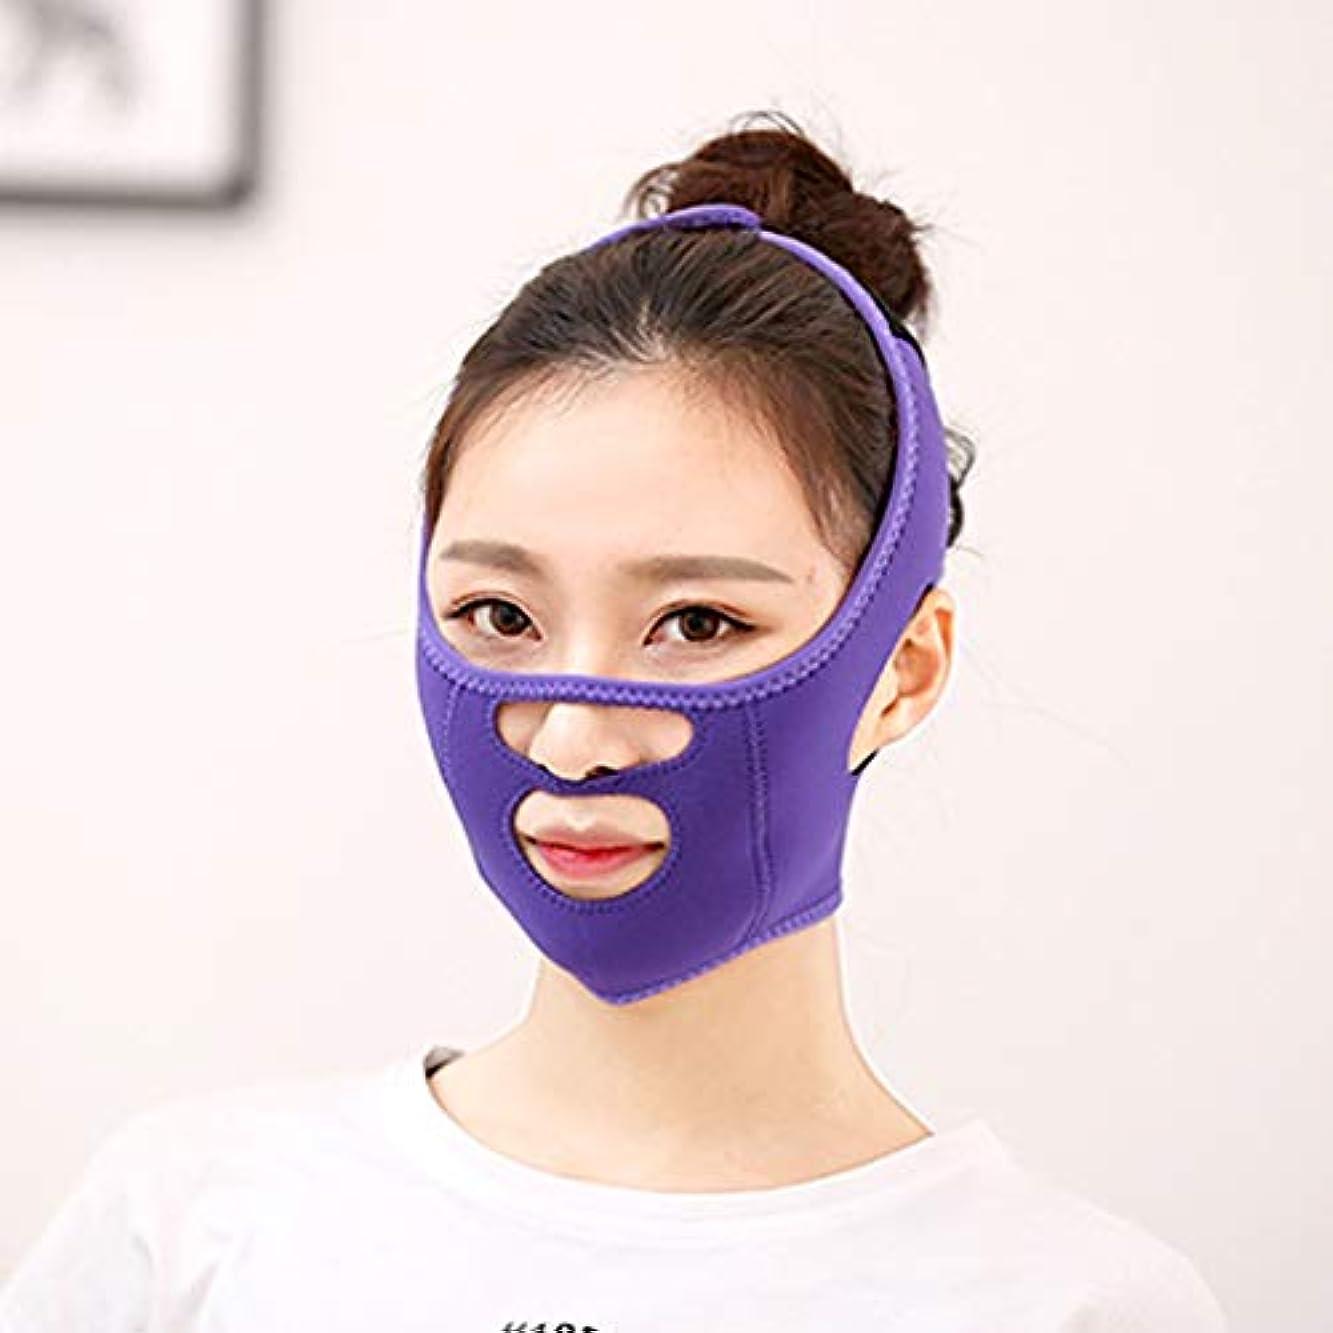 スチュワードパールメーカーJia He 軽量 薄い顔ベルト、Vフェイスアーティファクト通気性睡眠包帯?フェイシャルスリミング薄い二重あごがアンチリンクルフェイスベルトを持ち上げ ## (Color : Purple)